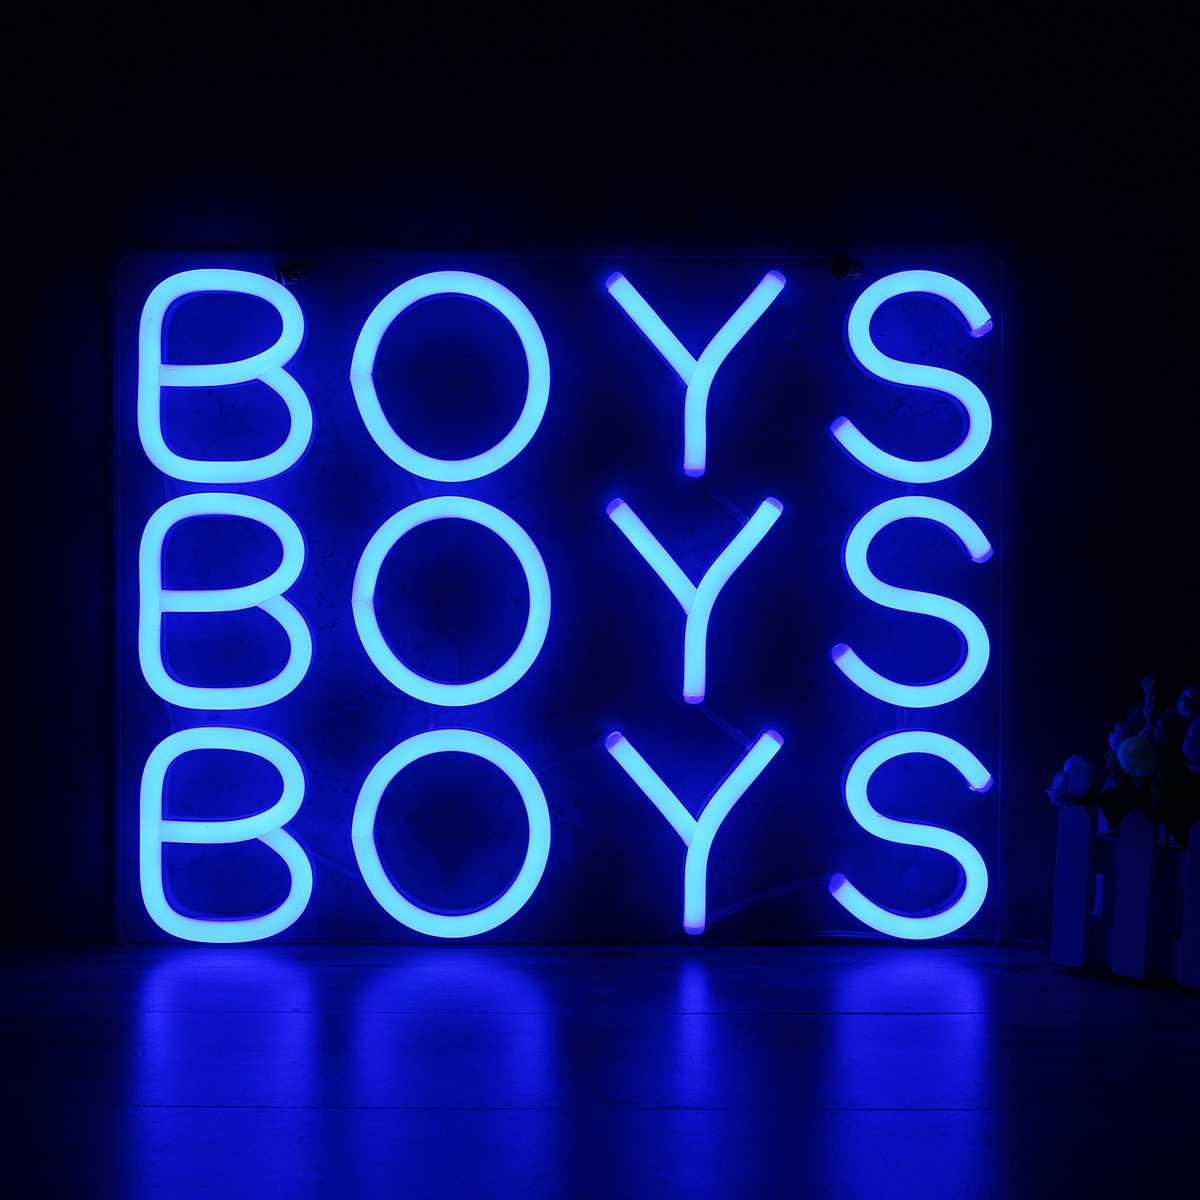 10 Inch 25x25 cm garçons néon signe lumière bière Bar Pub fête décoration maison chambre mur ornements cadeaux éclairage US Plug